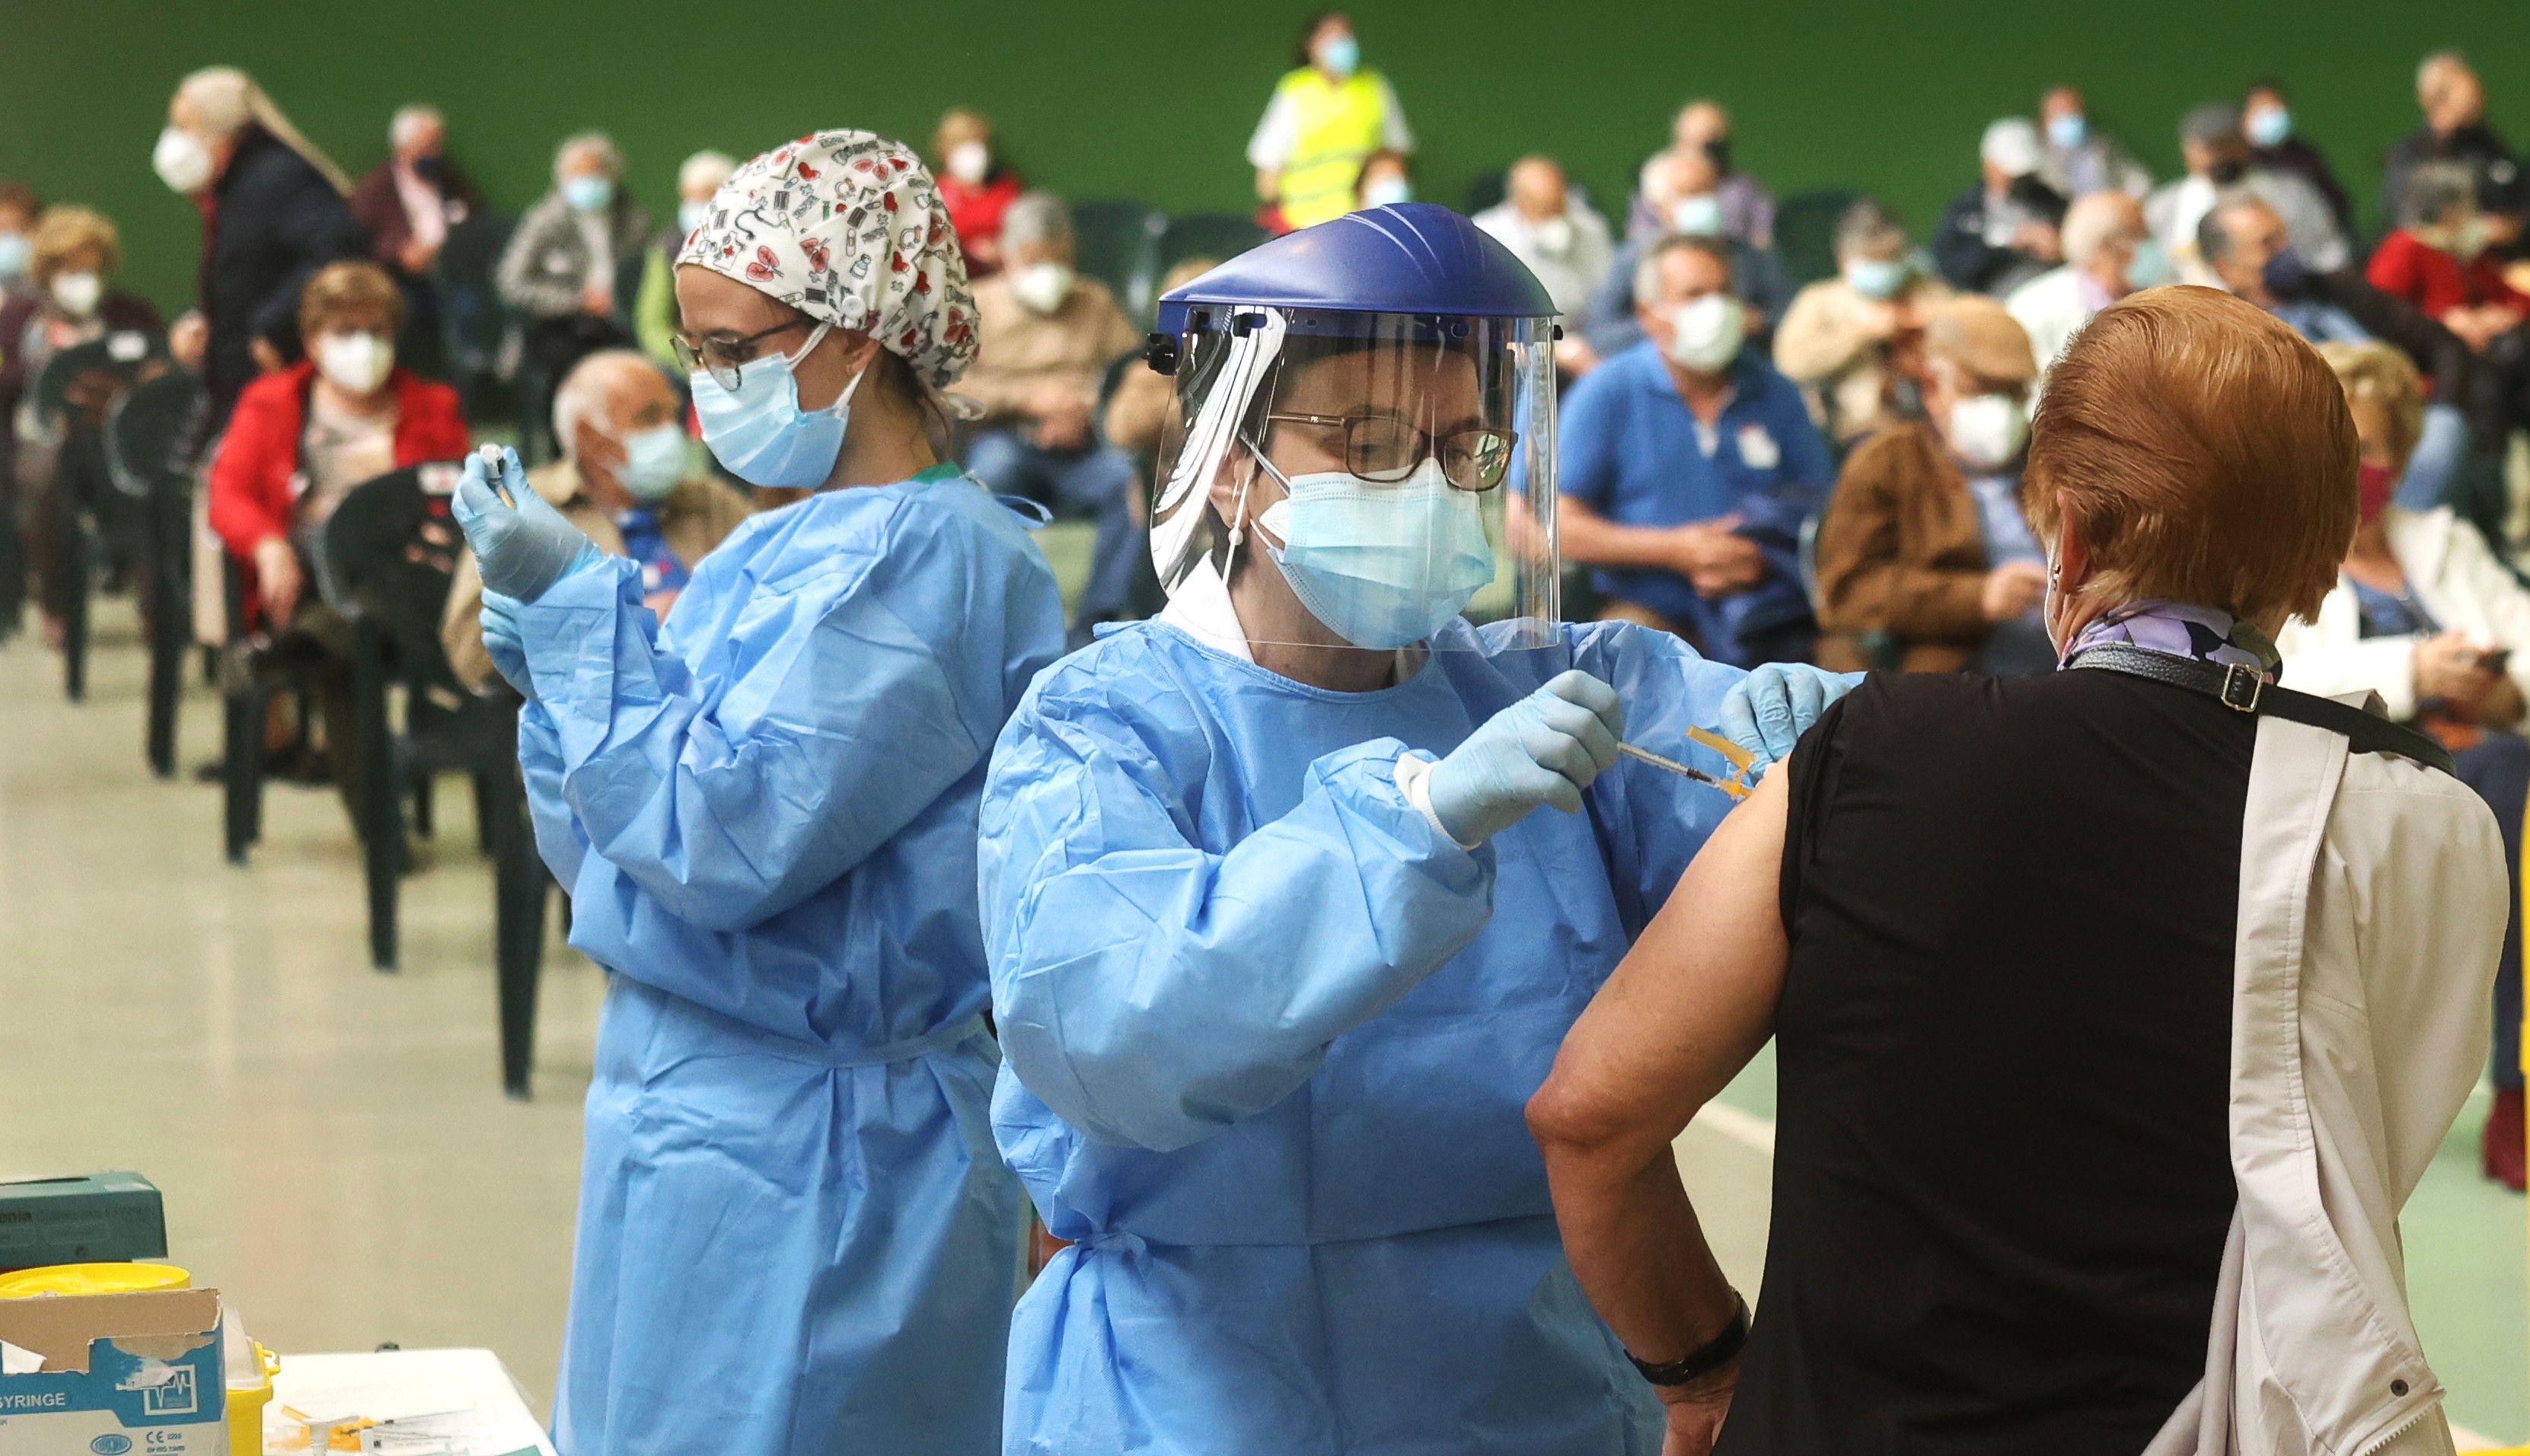 Vacunaciu00f3n en Ciudad Rodrigo, segunda dosis (4)